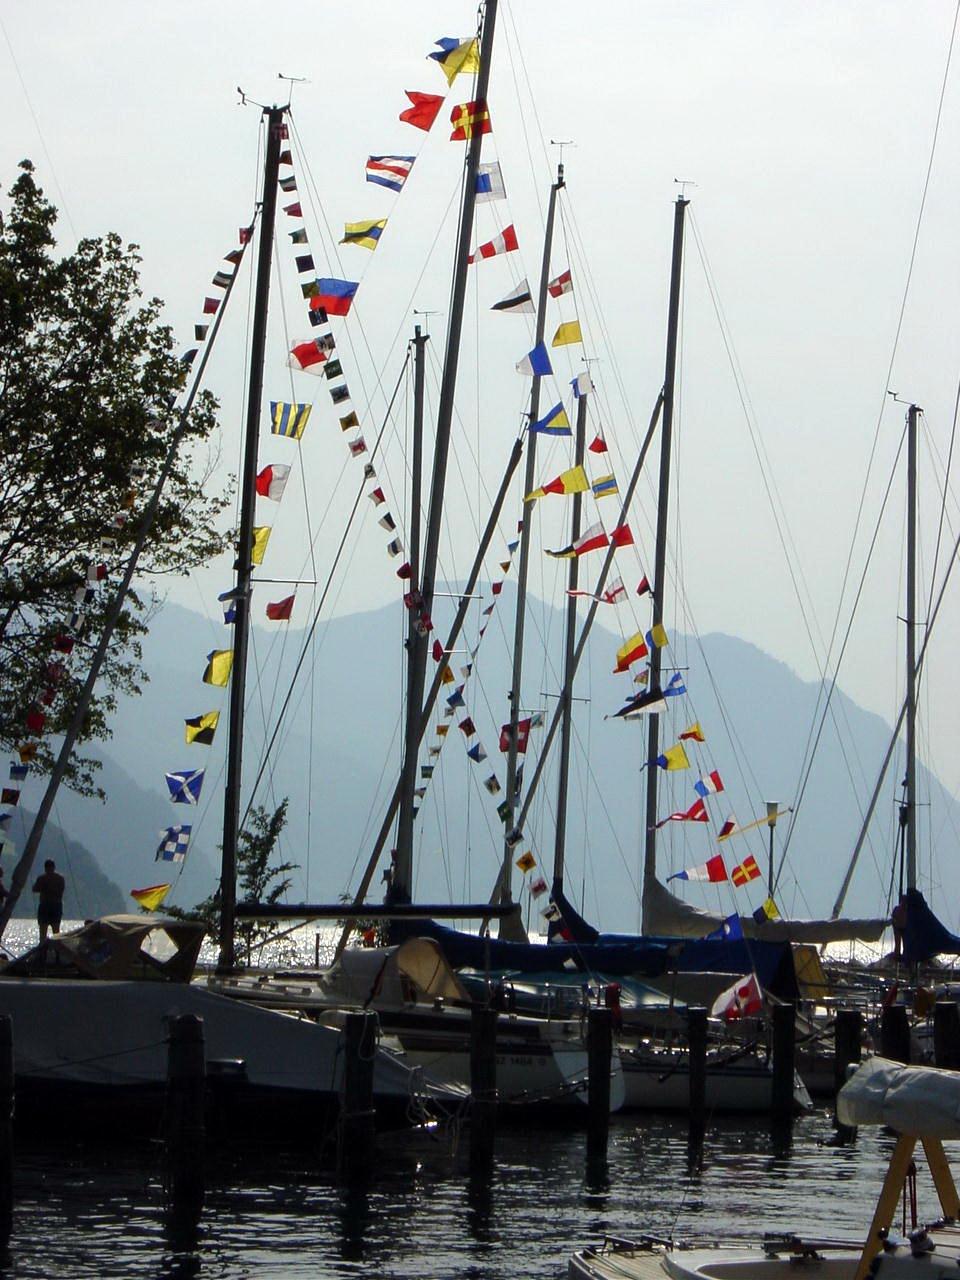 igf-hafenfest-brunnen-2003-09